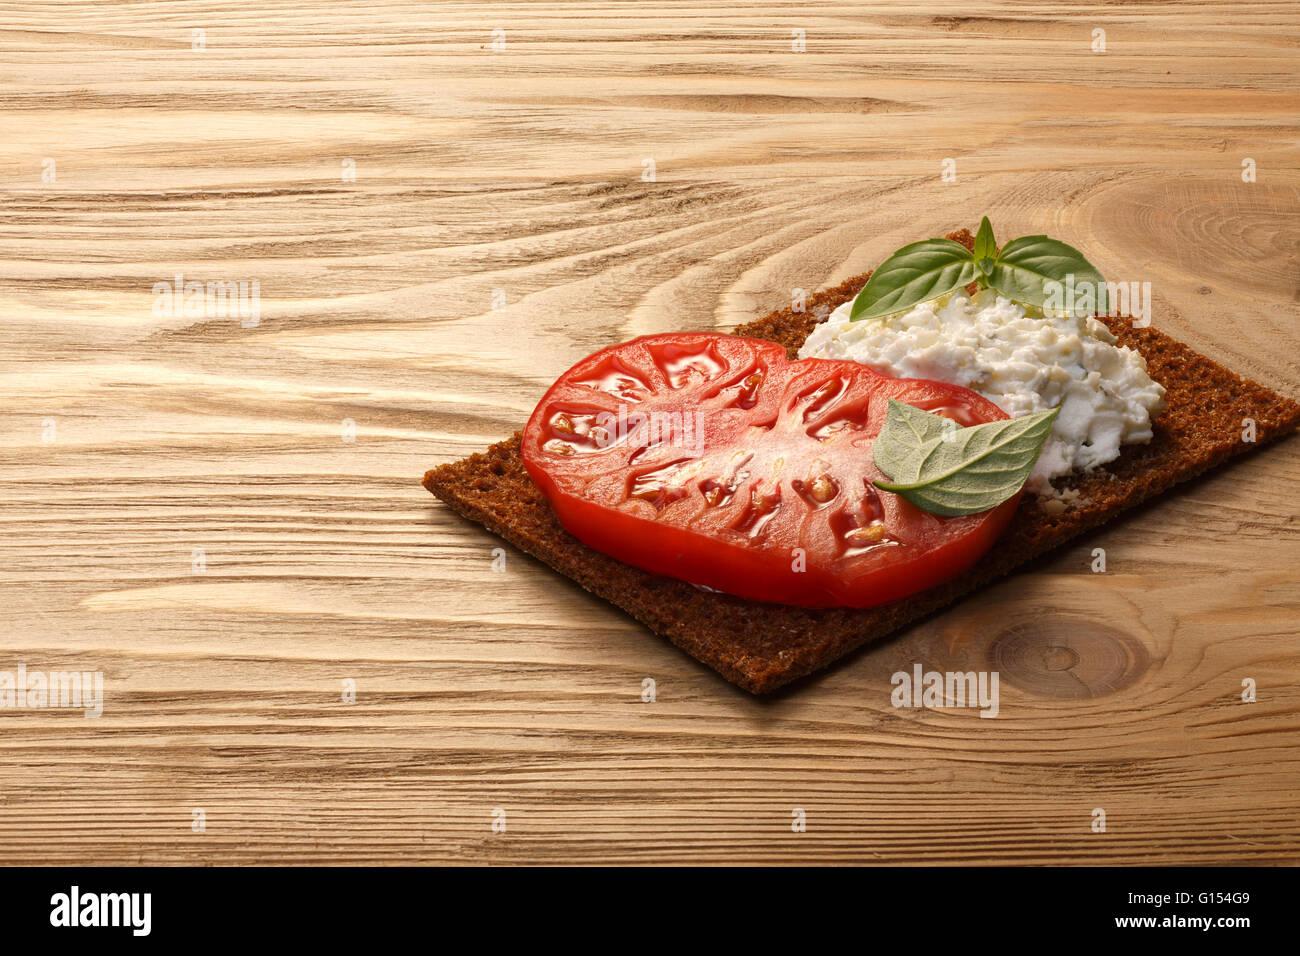 Pan crujiente pan tostado escandinavo (sandwich) con frontal abierto con herencia de tomate, crema de queso y hojas de albahaca fresca sobre la mesa de madera. Infinito Foto de stock